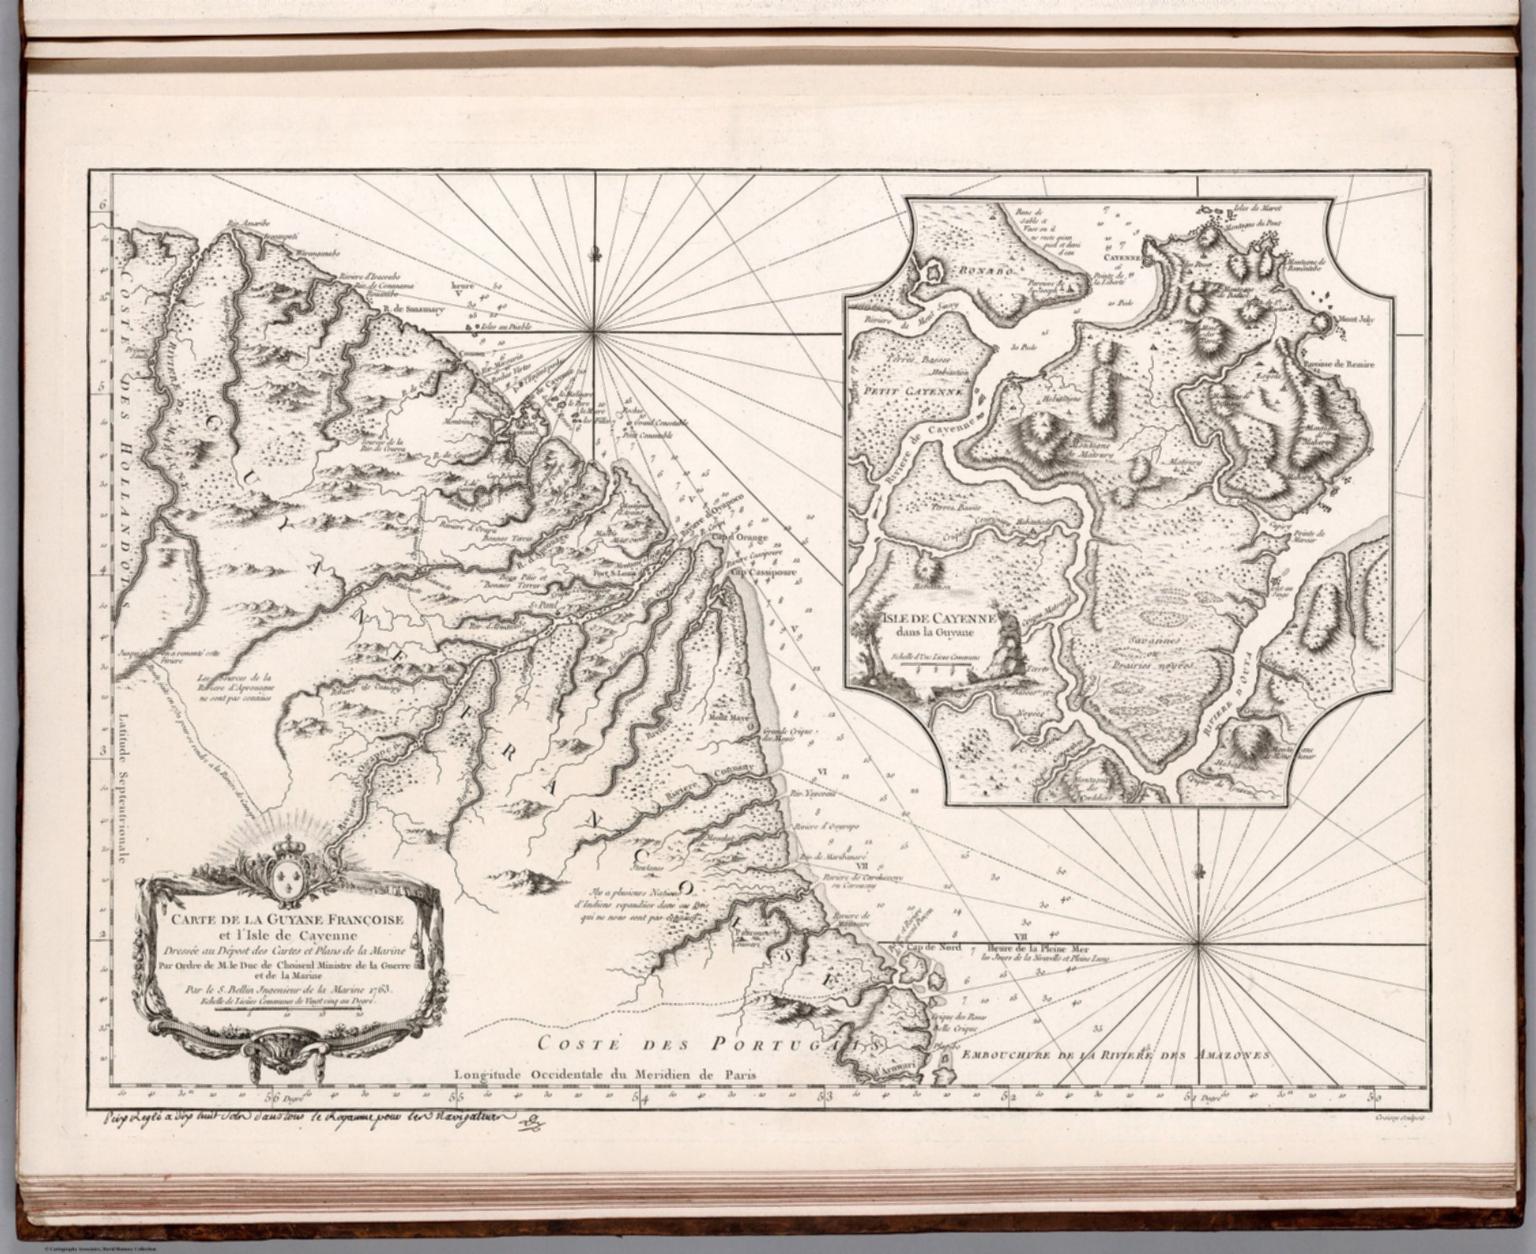 Carte de la Guyane Francoise et l'Isle de Cayenne.